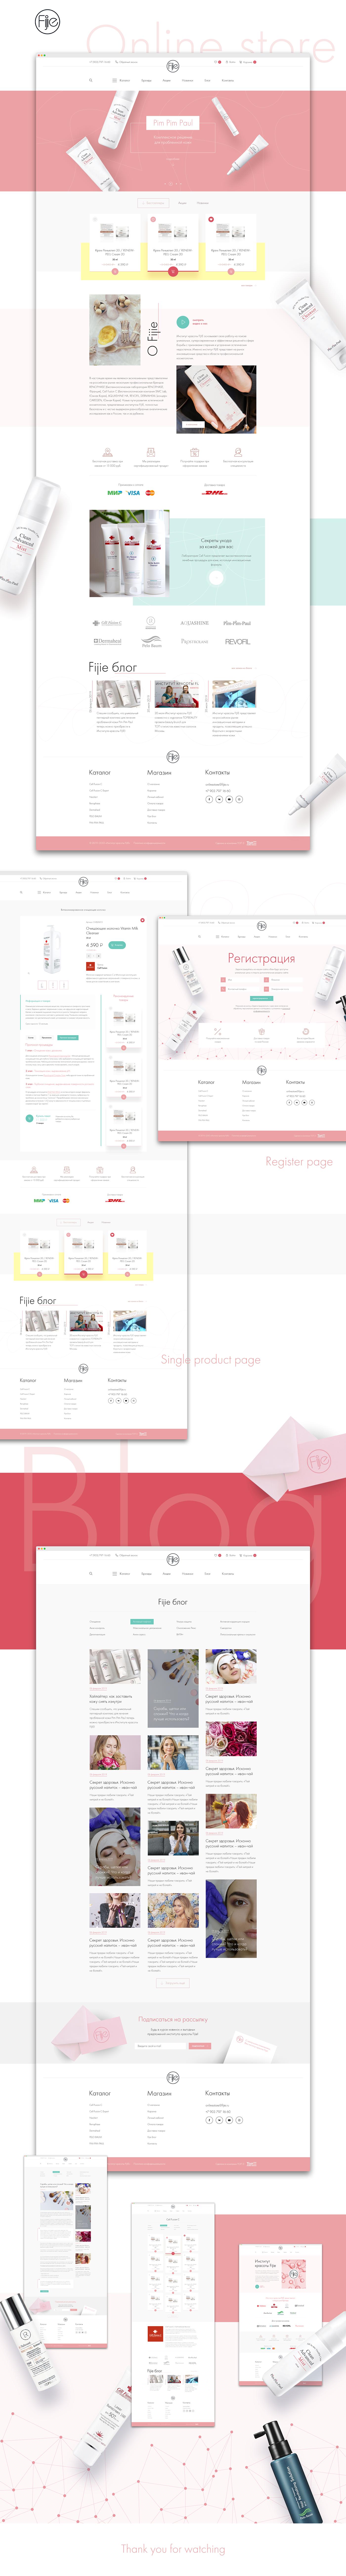 design photoshop freelancer shop Mockup designer www site Webdesign дизайн